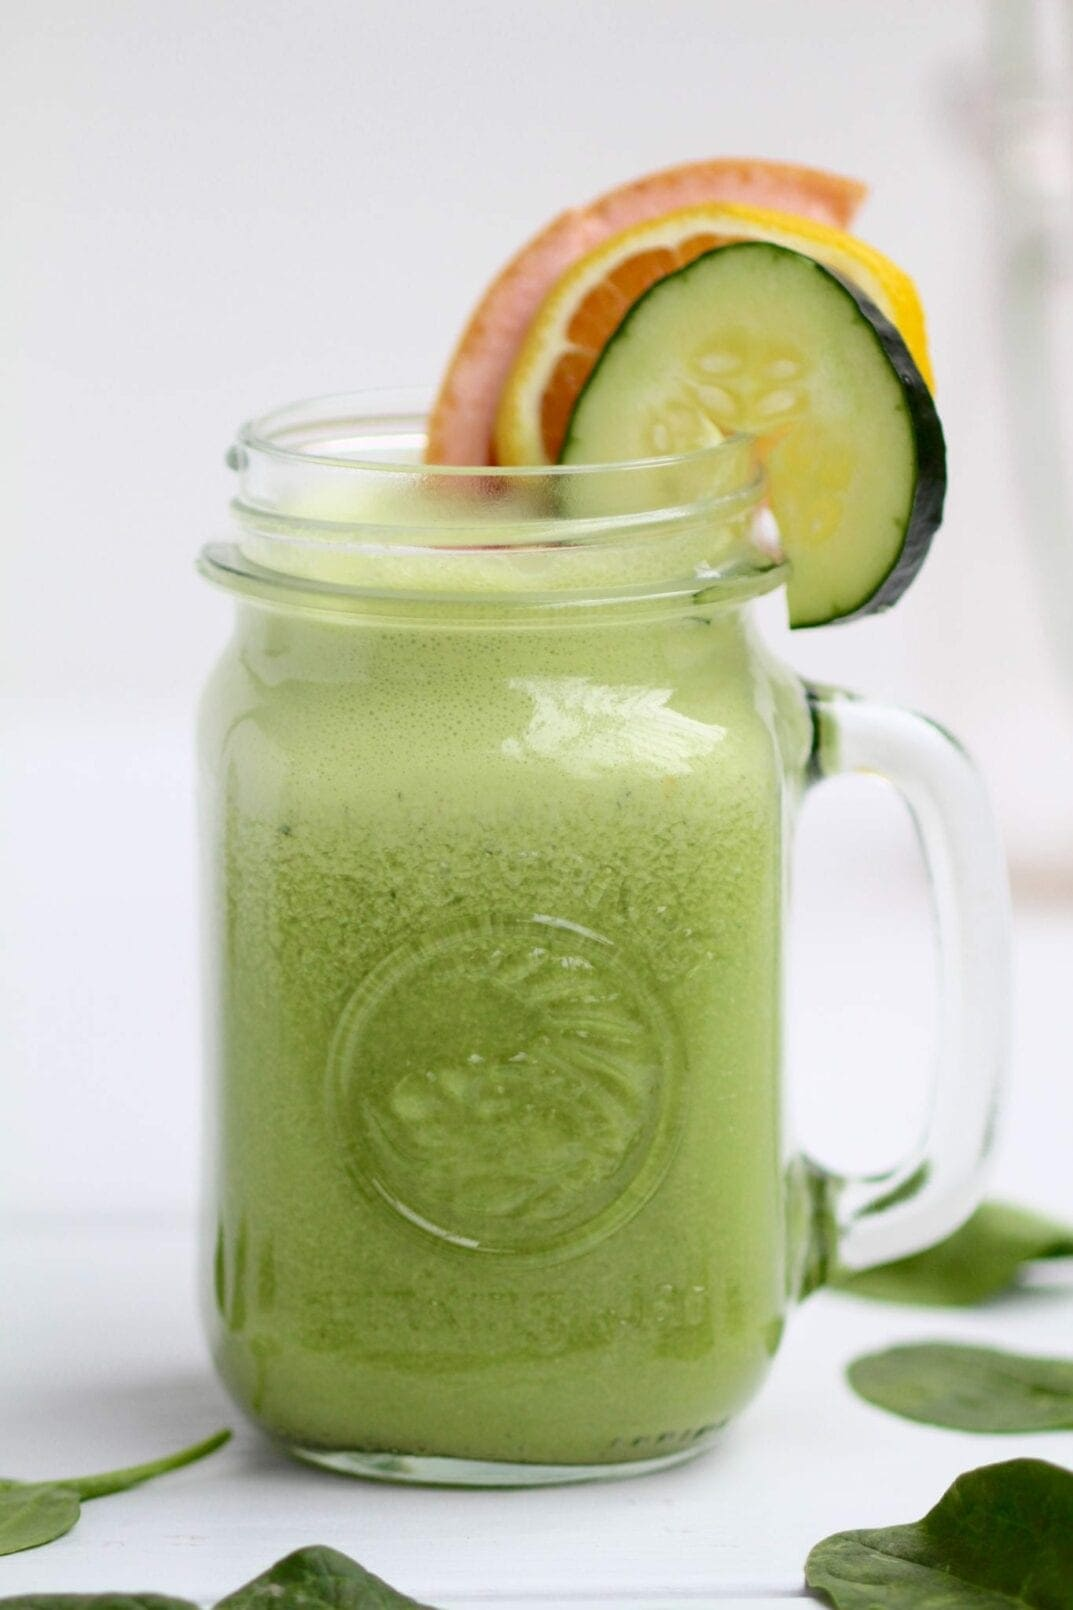 grapefruit ginger citrus green smoothie {low sugar + vegan} | refreshing, 6-ingredient grapefruit ginger citrus green smoothie that's packed with flavor, low on sugar and vegan! | www.nourishmovelove.com